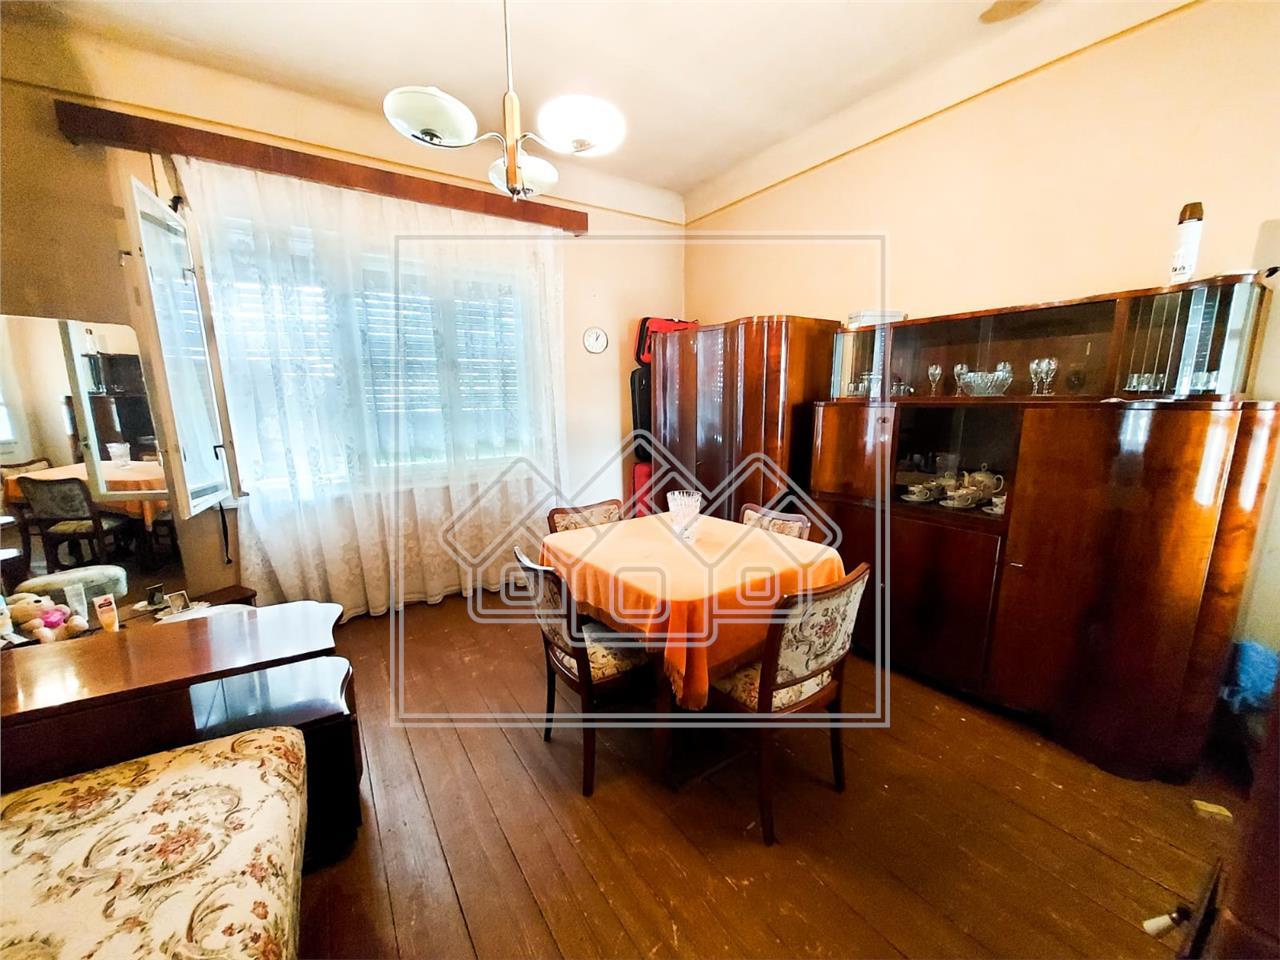 Haus kaufen in Sibiu - Grundst?ck 606 qm - Lazaret